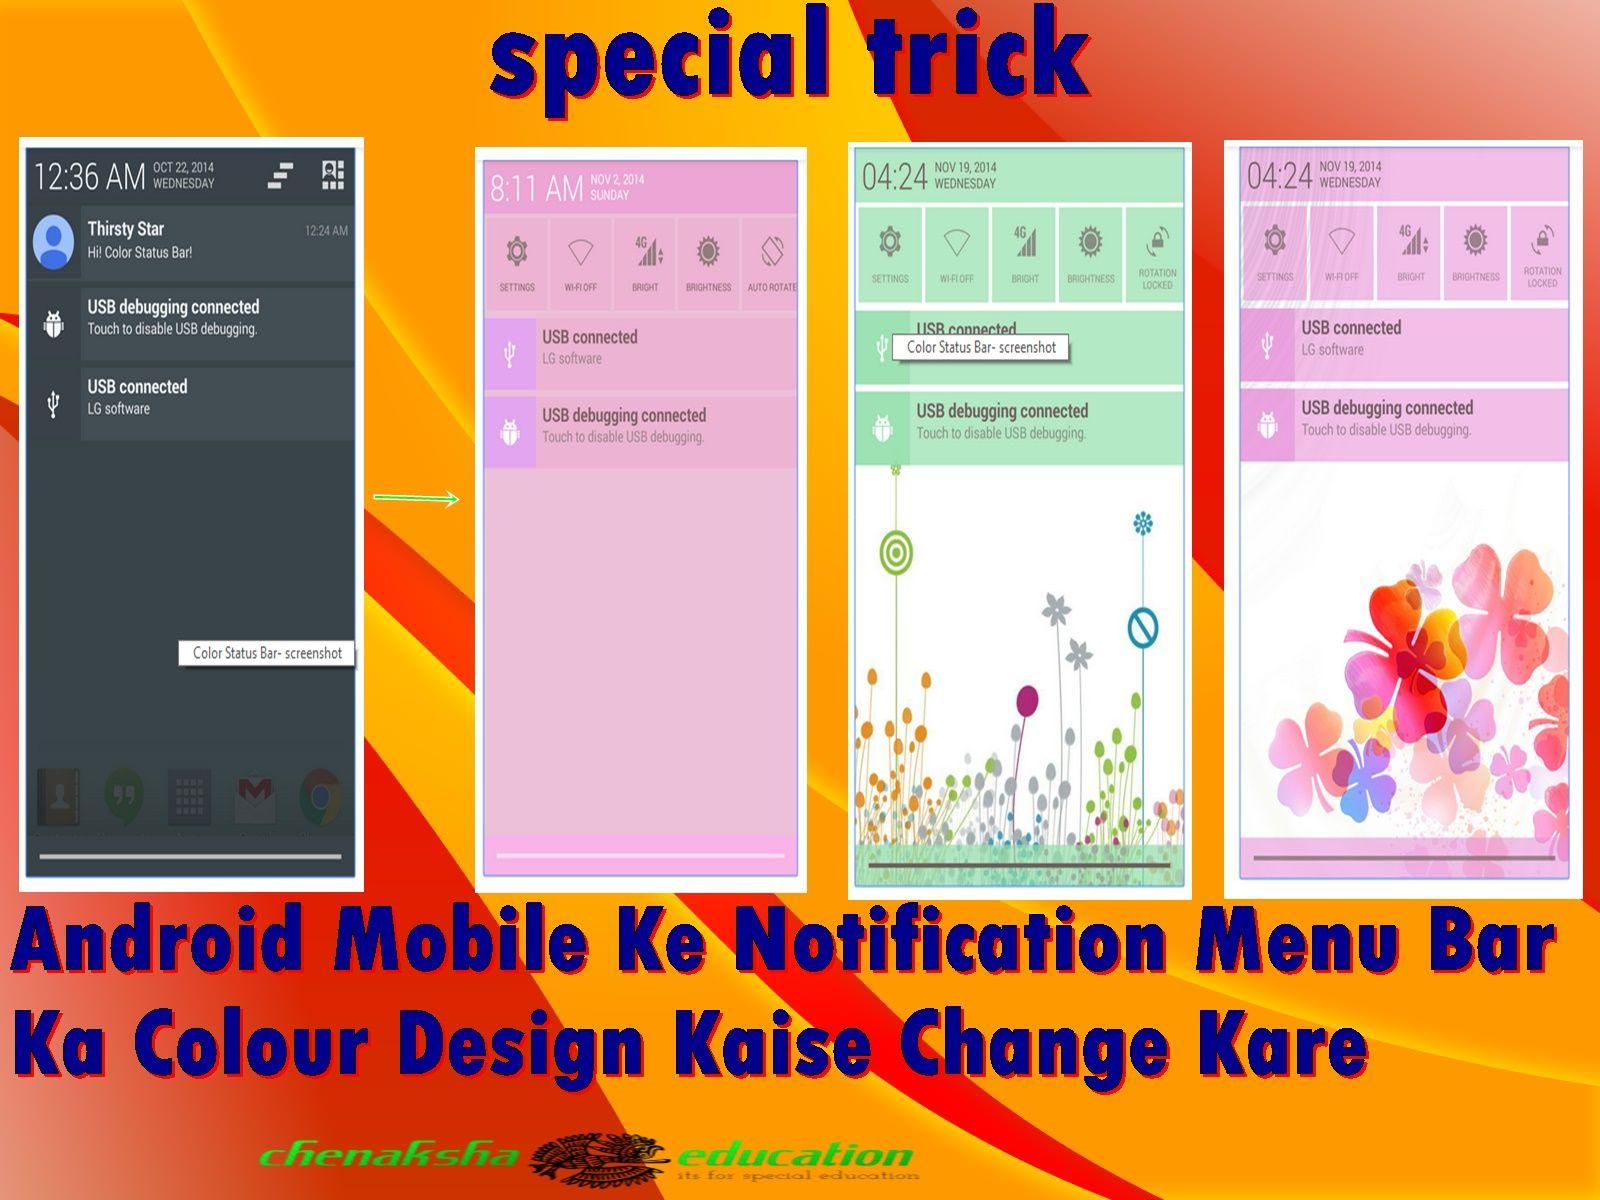 Android Mobile Ke Notification Menu Bar Ka Colour Design Kaise Change Kare Special Trick 1 Menu Color Design Change